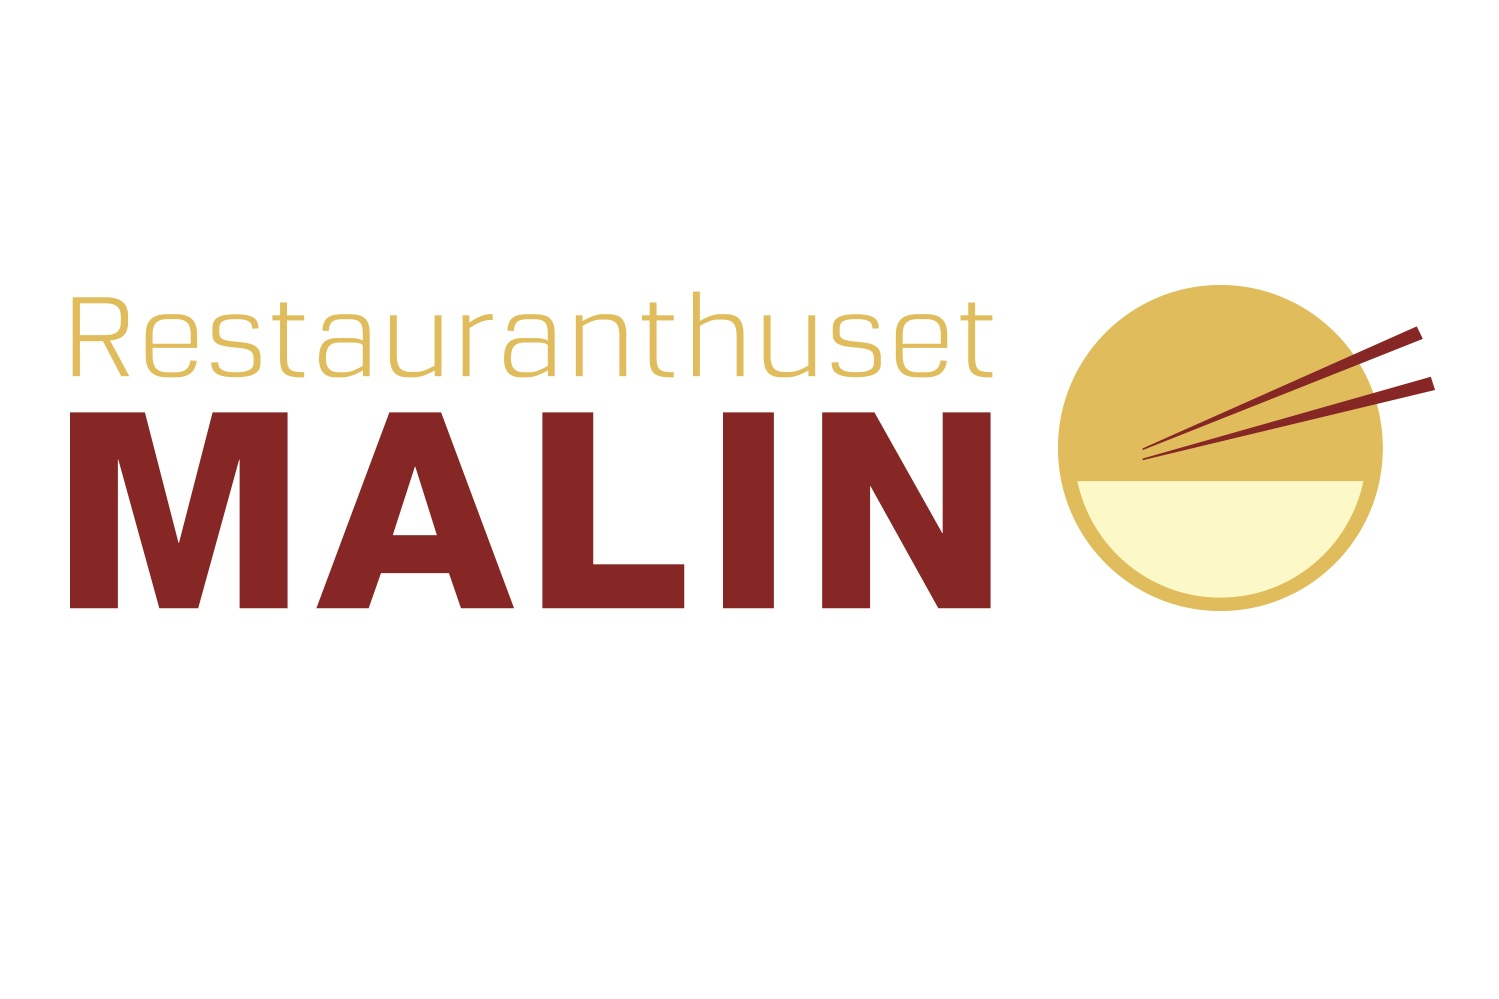 Grafisk profil - China House i Sogndal kom til Gasta og ønskte vi skulle utvikle grafisk profil og nettsider for deira nye satsing - Restauranthuset Malin.Vi er lidenskapleg opptekne av å skape prosjekt som funkar, og dette er verkeleg blitt ein suksess! Restauranthuset Malin opplever kraftig vekst i omsetning.Her ser du logo og grafisk profil vi utvikla.